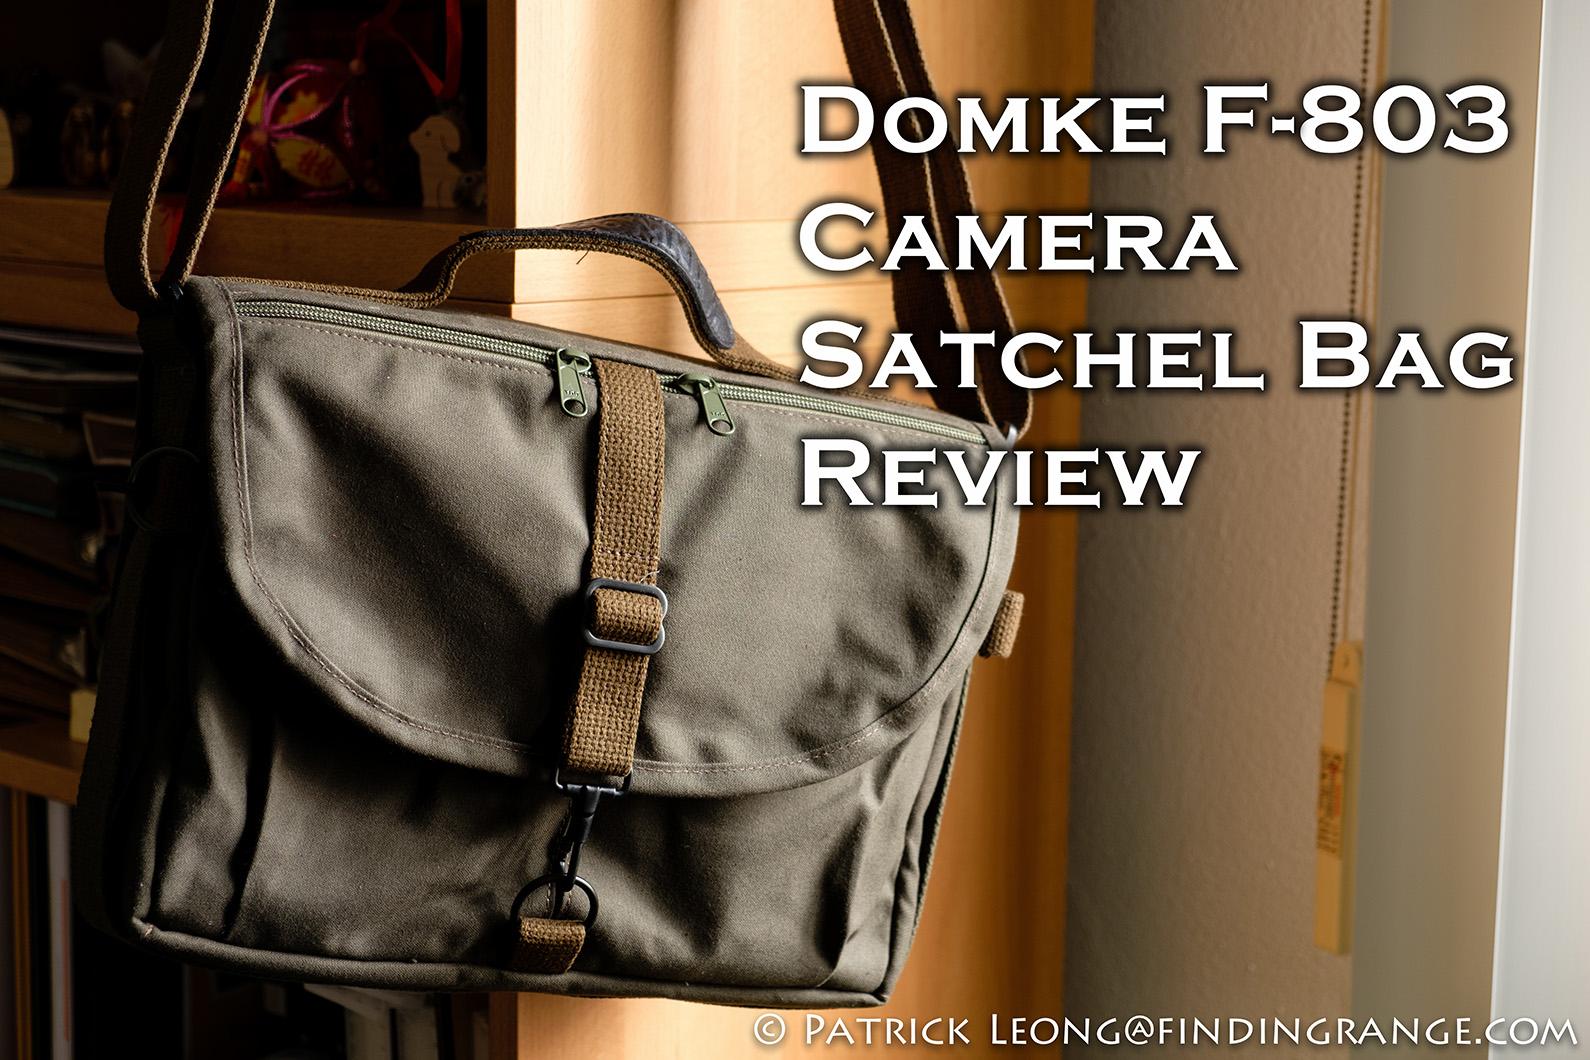 Domke-F-803-Olive-Drab-Camera-Satchel-Shoulder-Bag-3